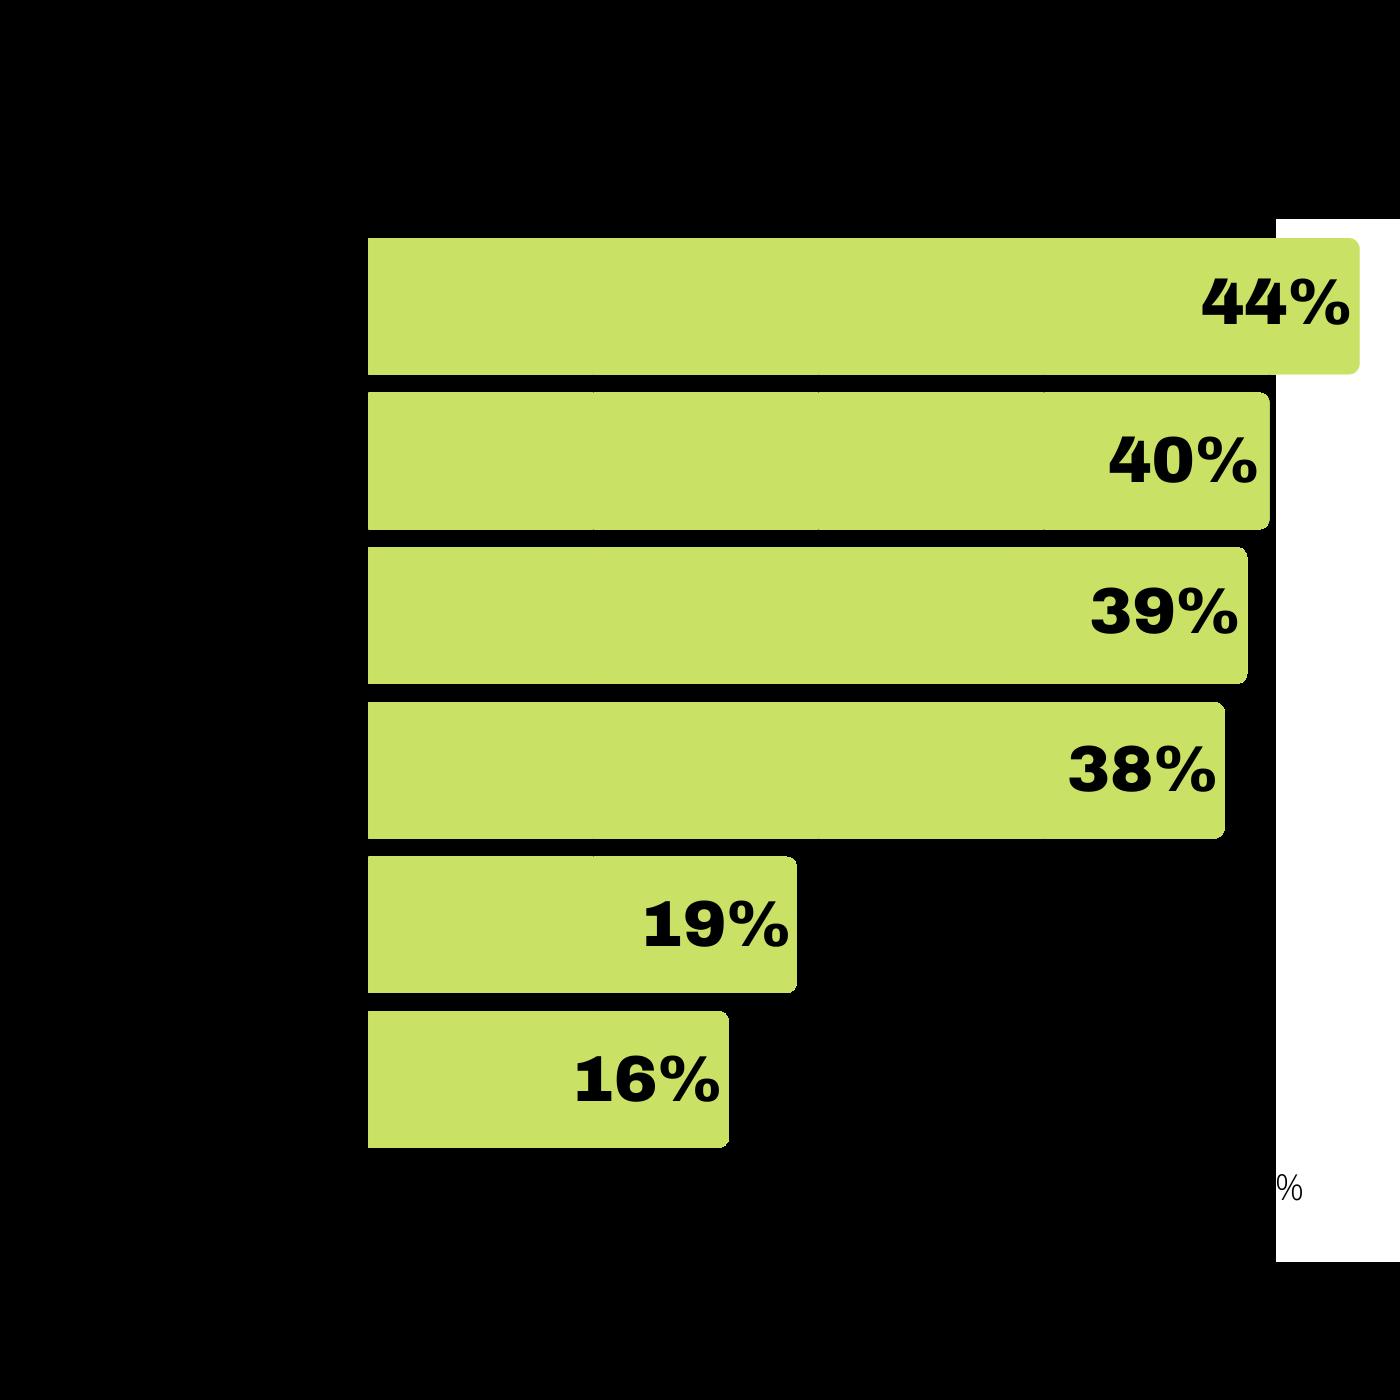 El Tendido Eléctrico Y Alumbrado Público En Santa Tecla. Aspectos positivos. Infografía. Roberto d'Aubuisson. 2021